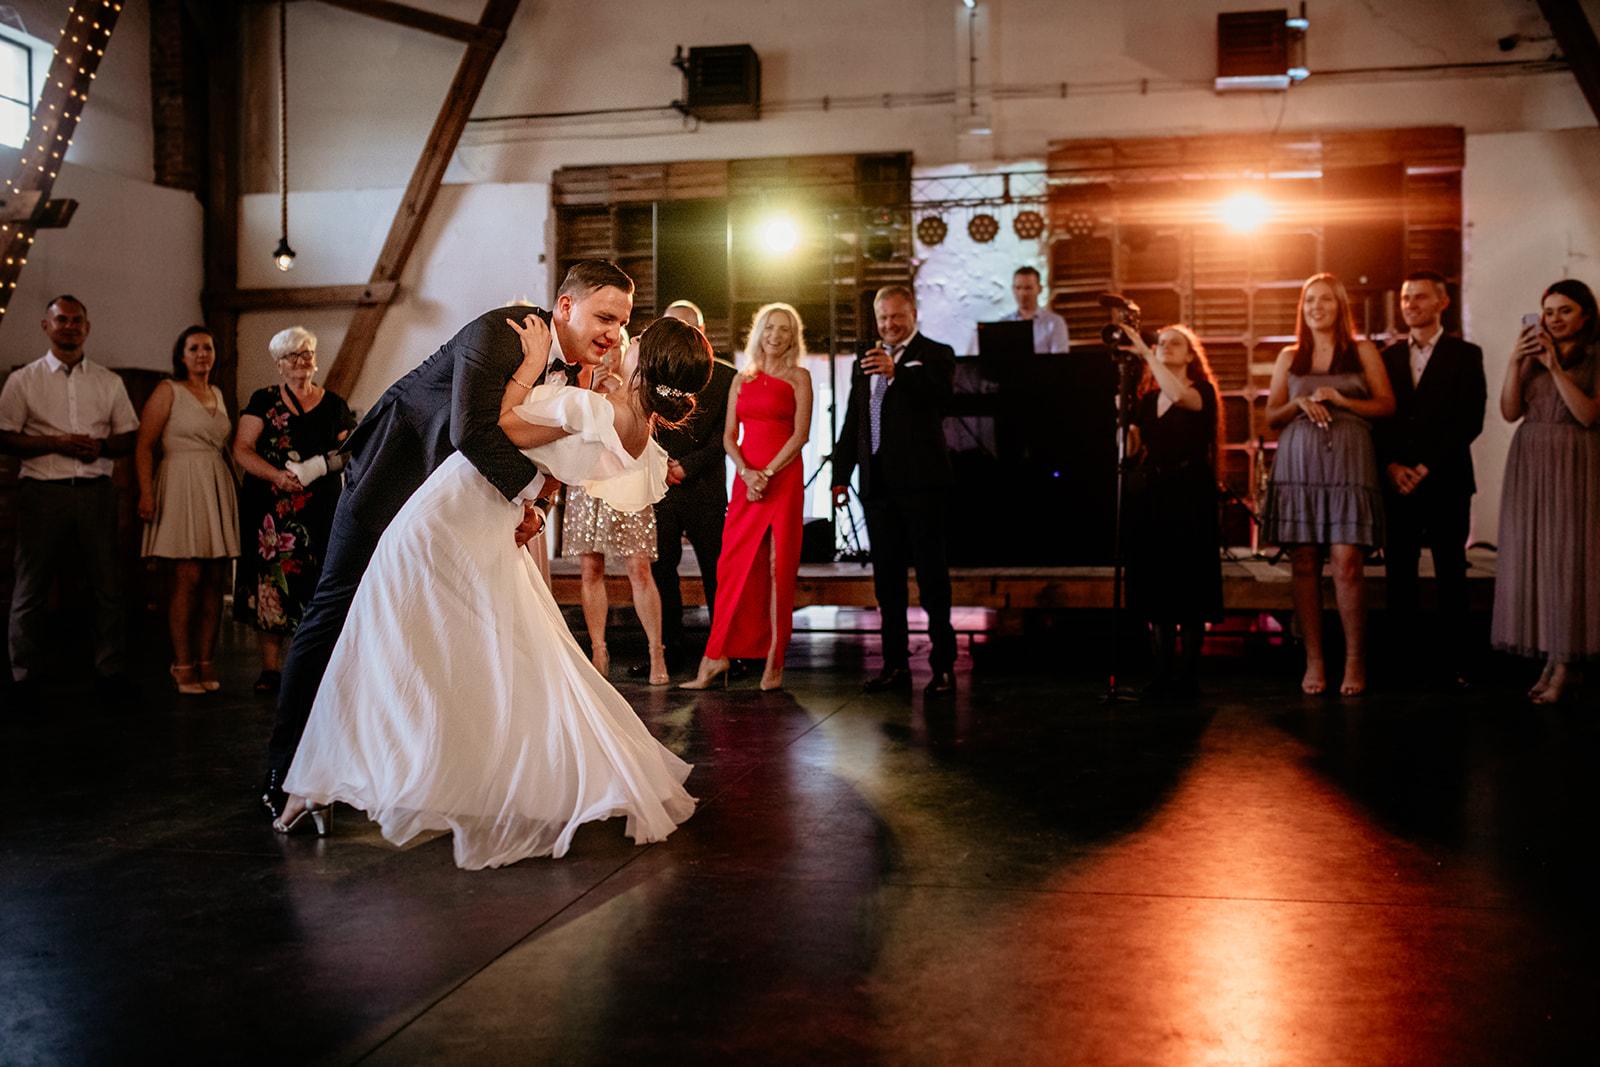 suknia-slubna-cuda-mecyje-atelier-pierwszy-taniec